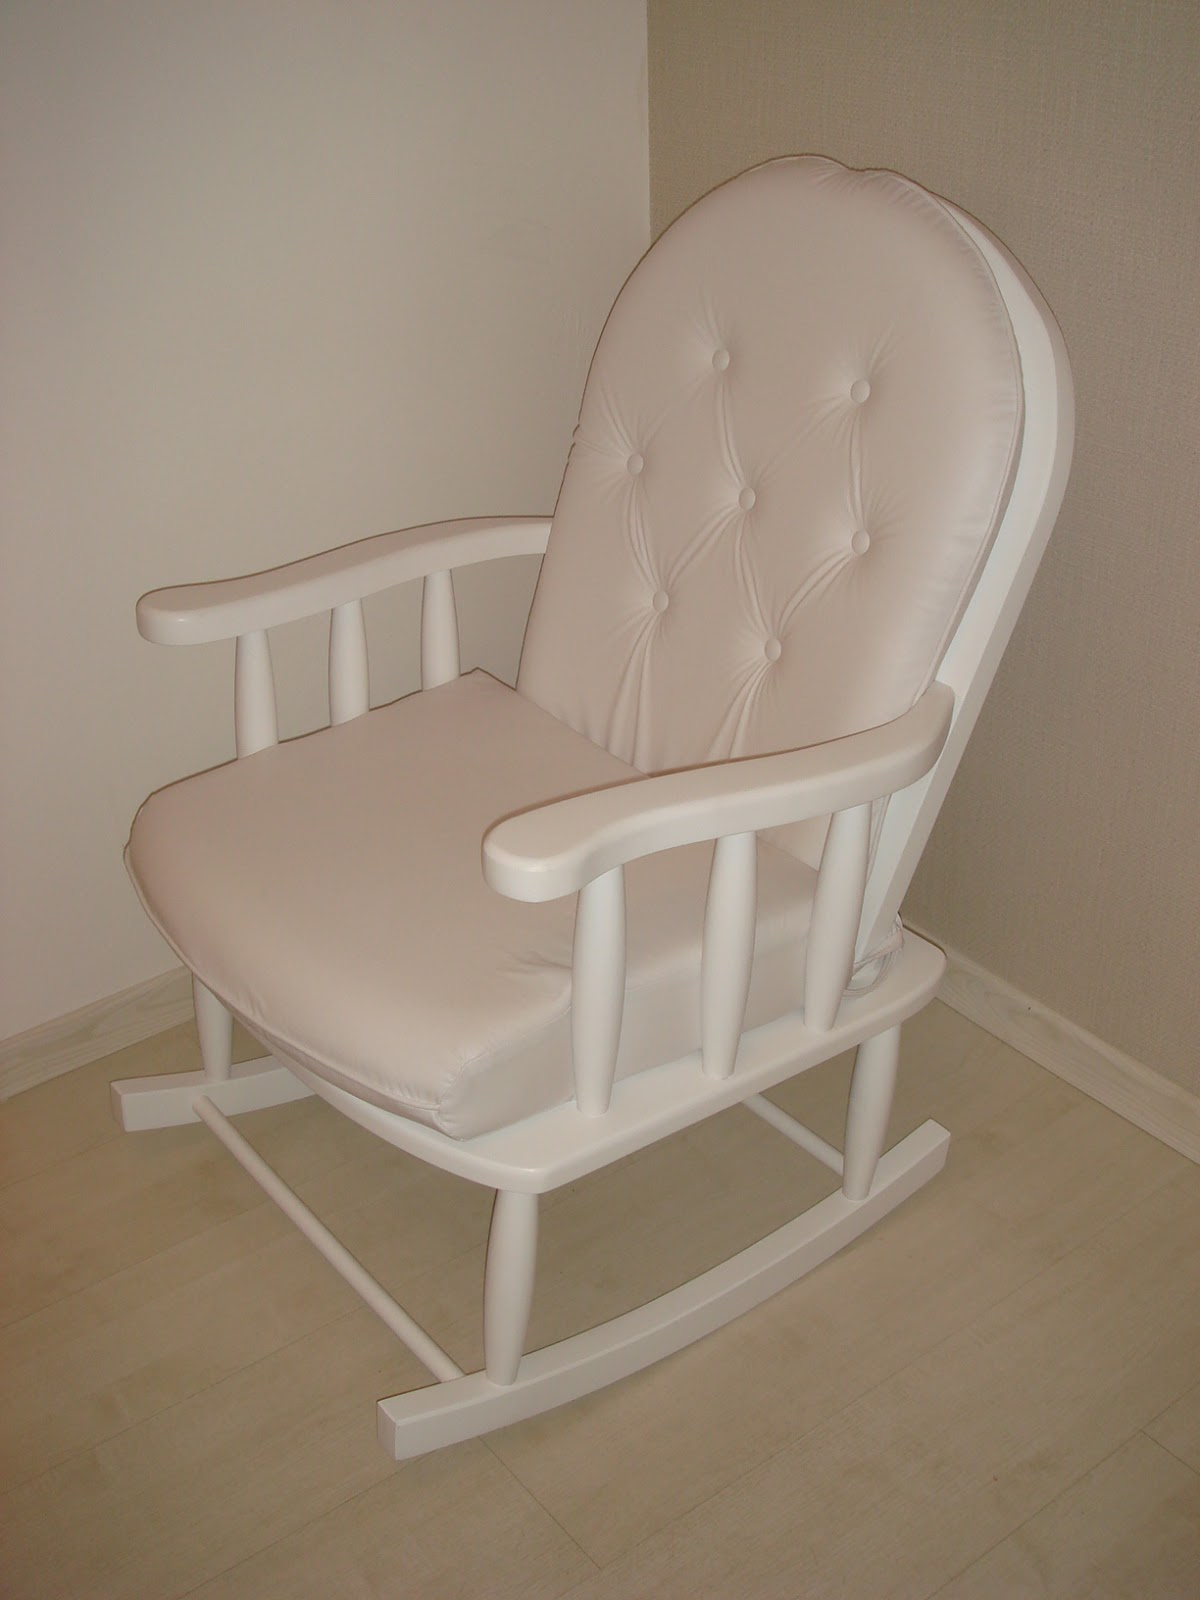 and Bedroom Design: POLTRONAS PARA AMAMENTAÇÃO. DIVERSOS TECIDOS #7D694F 1200x1600